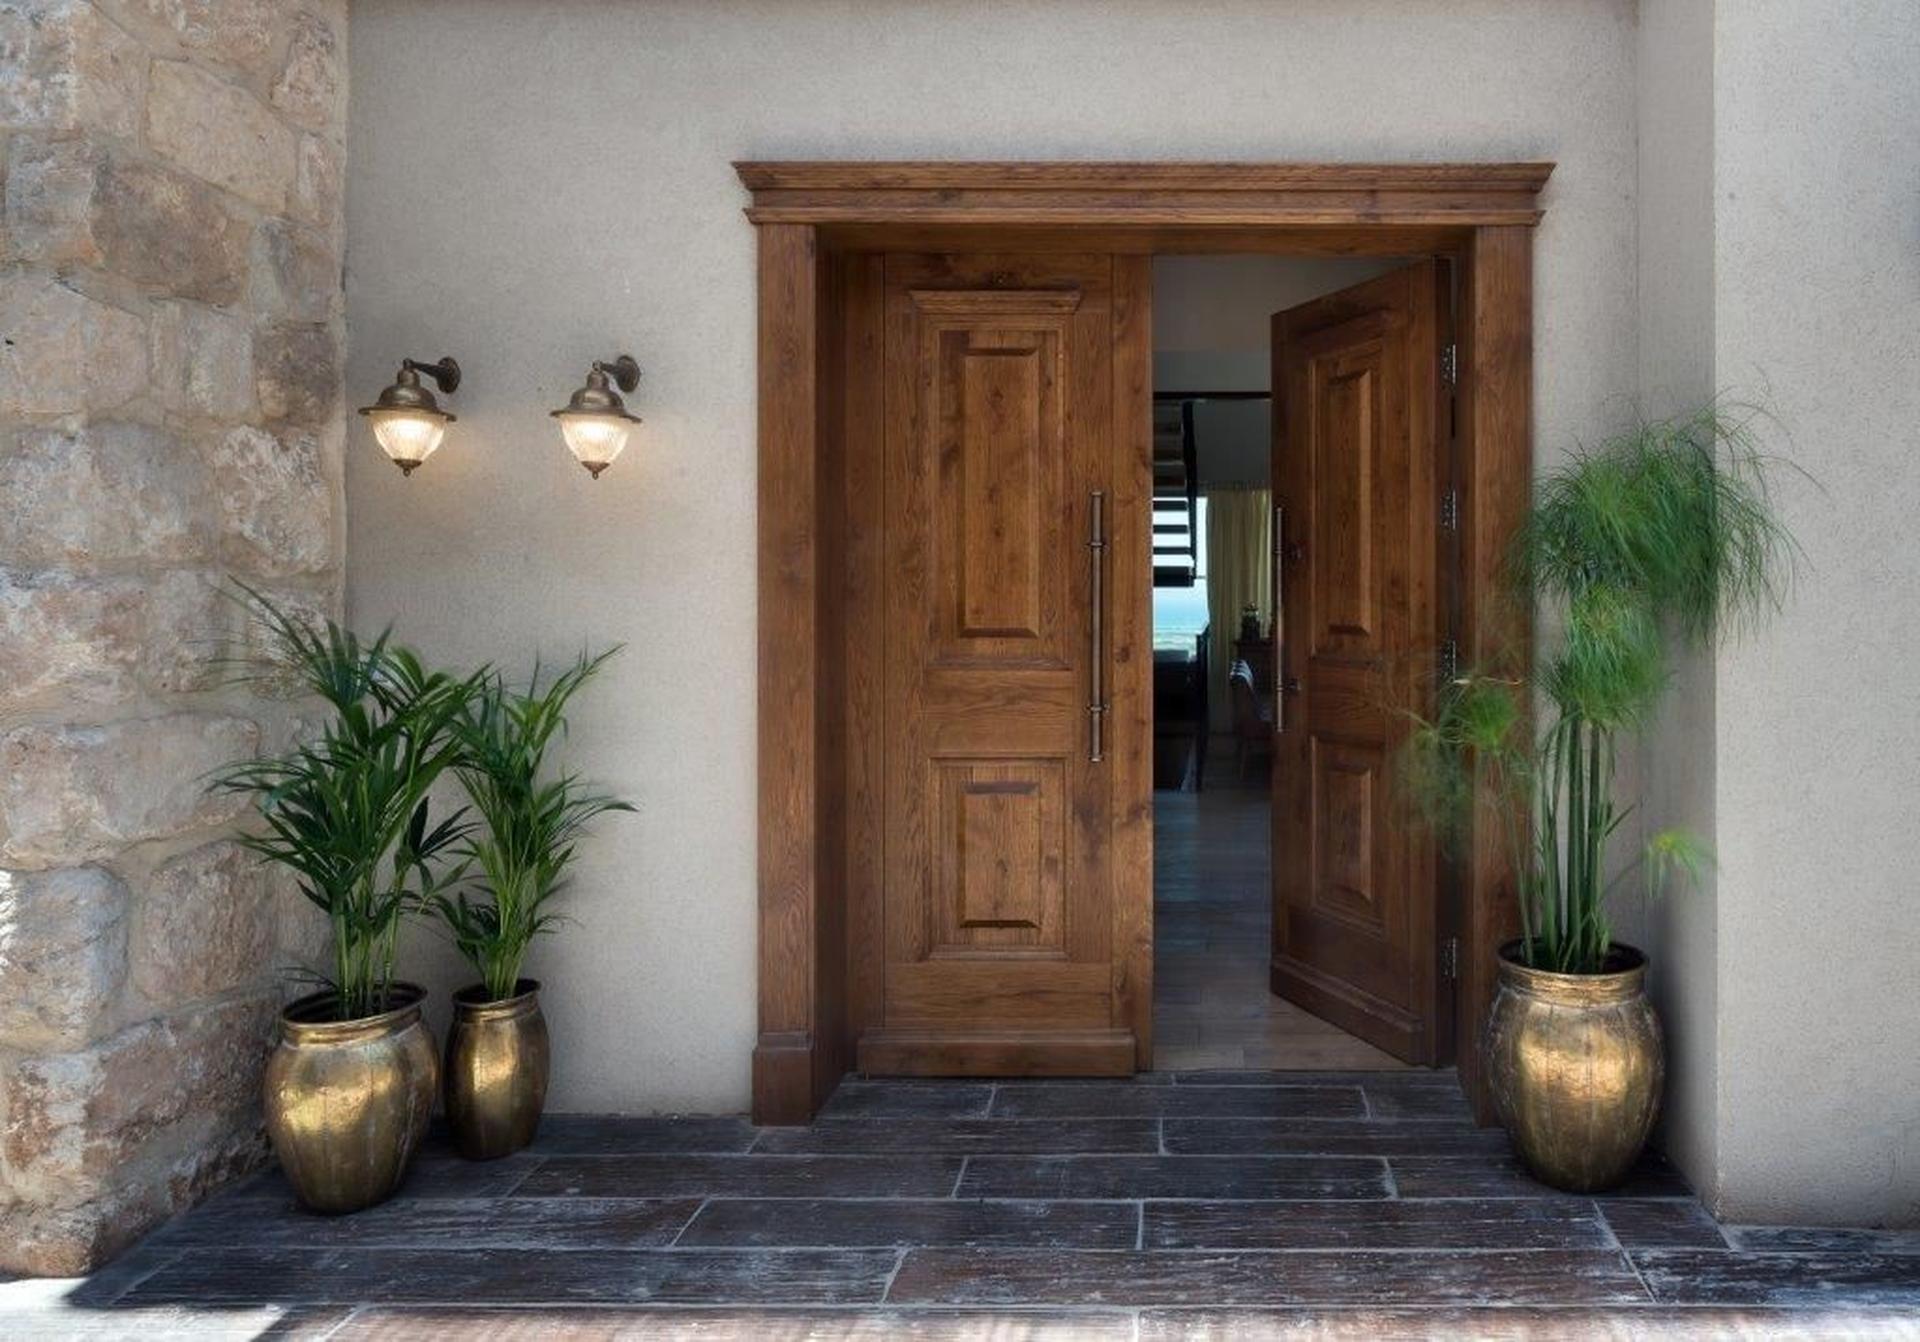 דלת העץ בכניסה לבית. צילום: עמית גושר